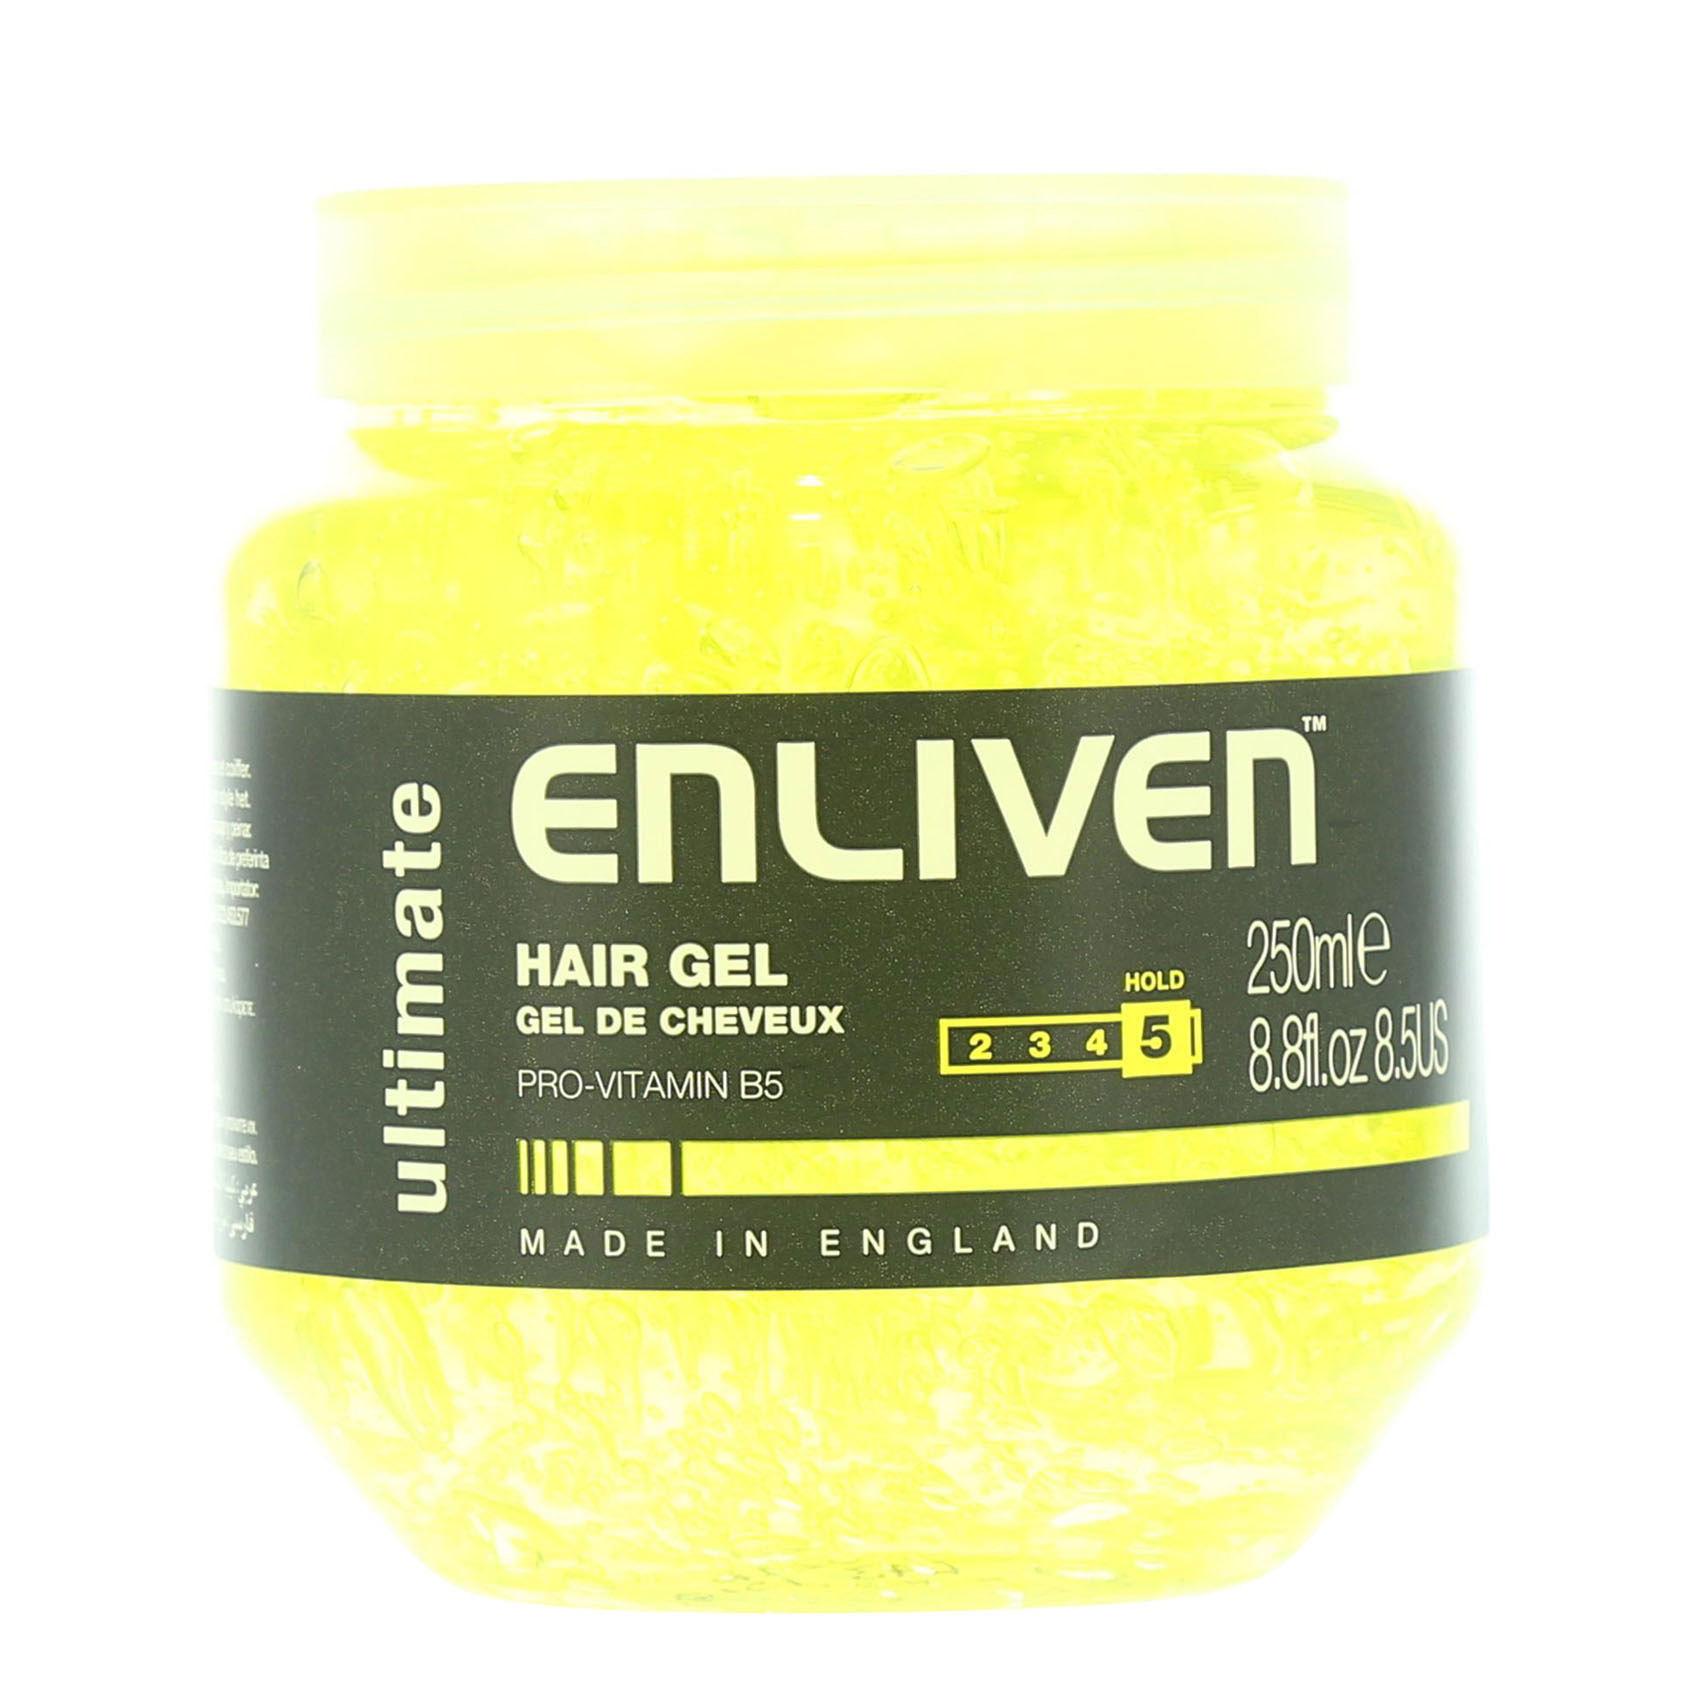 ENLIVEN HAIR GEL ULTIMAT HOLD 250ML